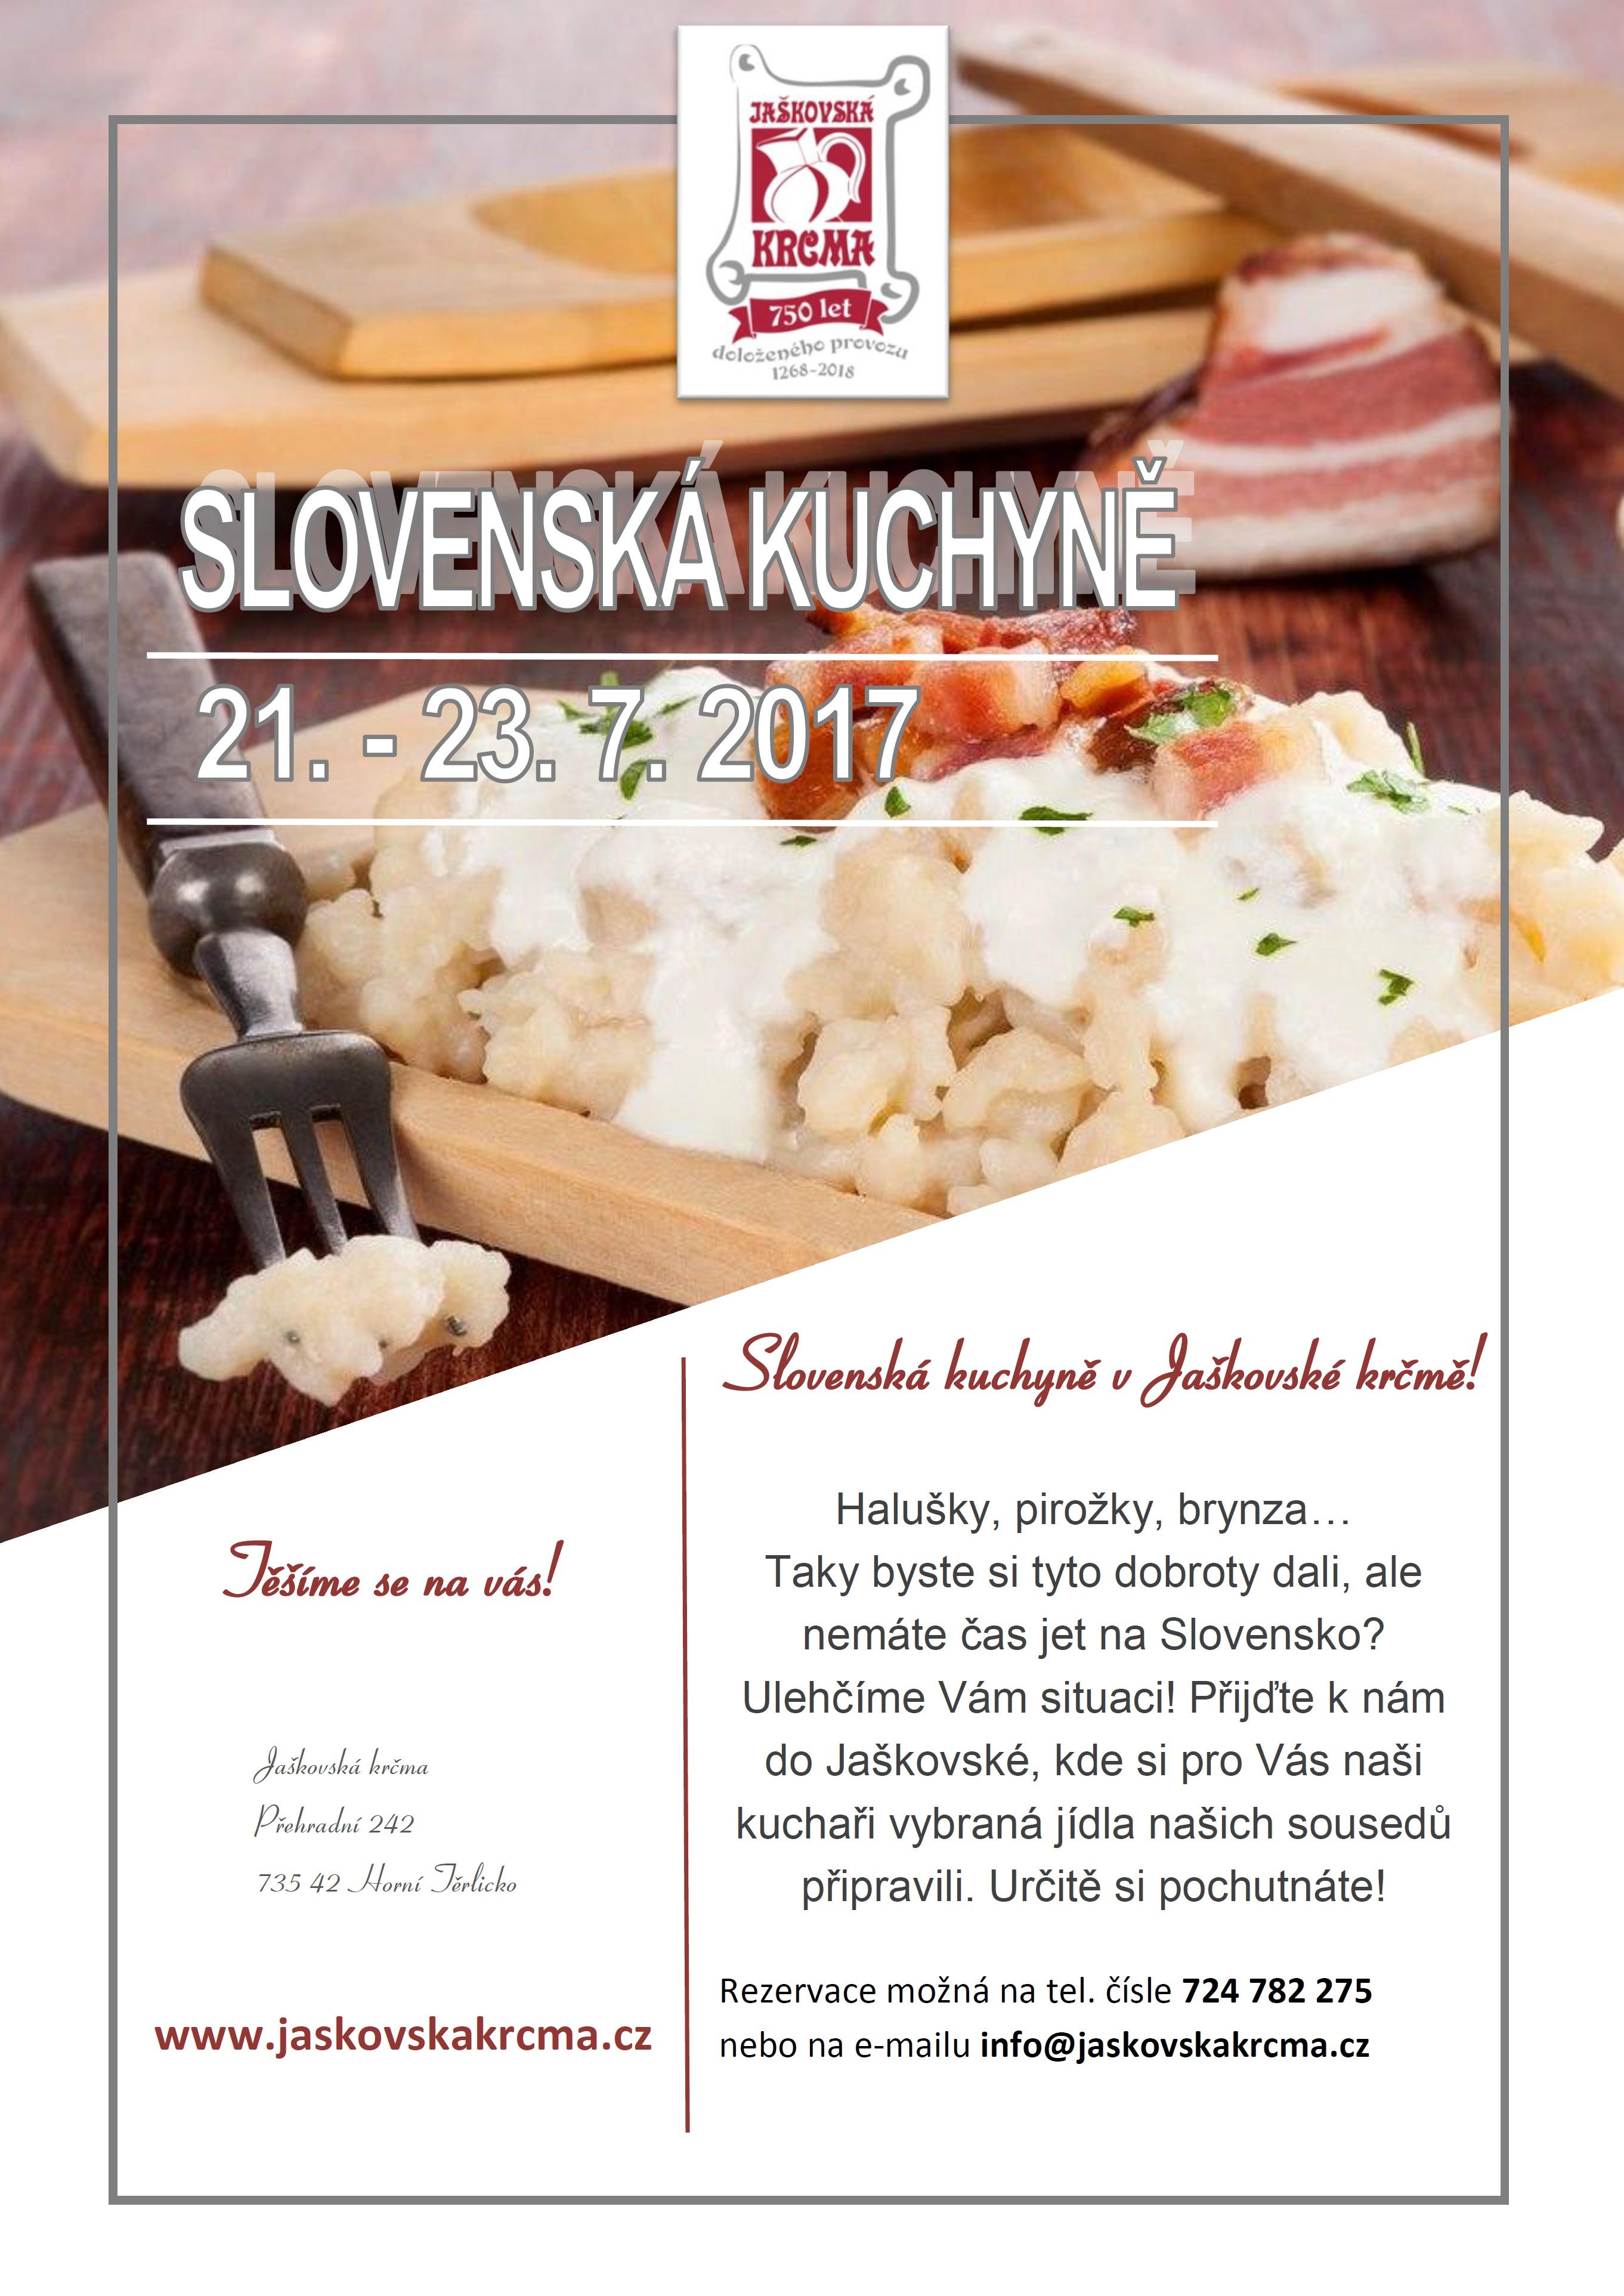 Slovenská kuchyně